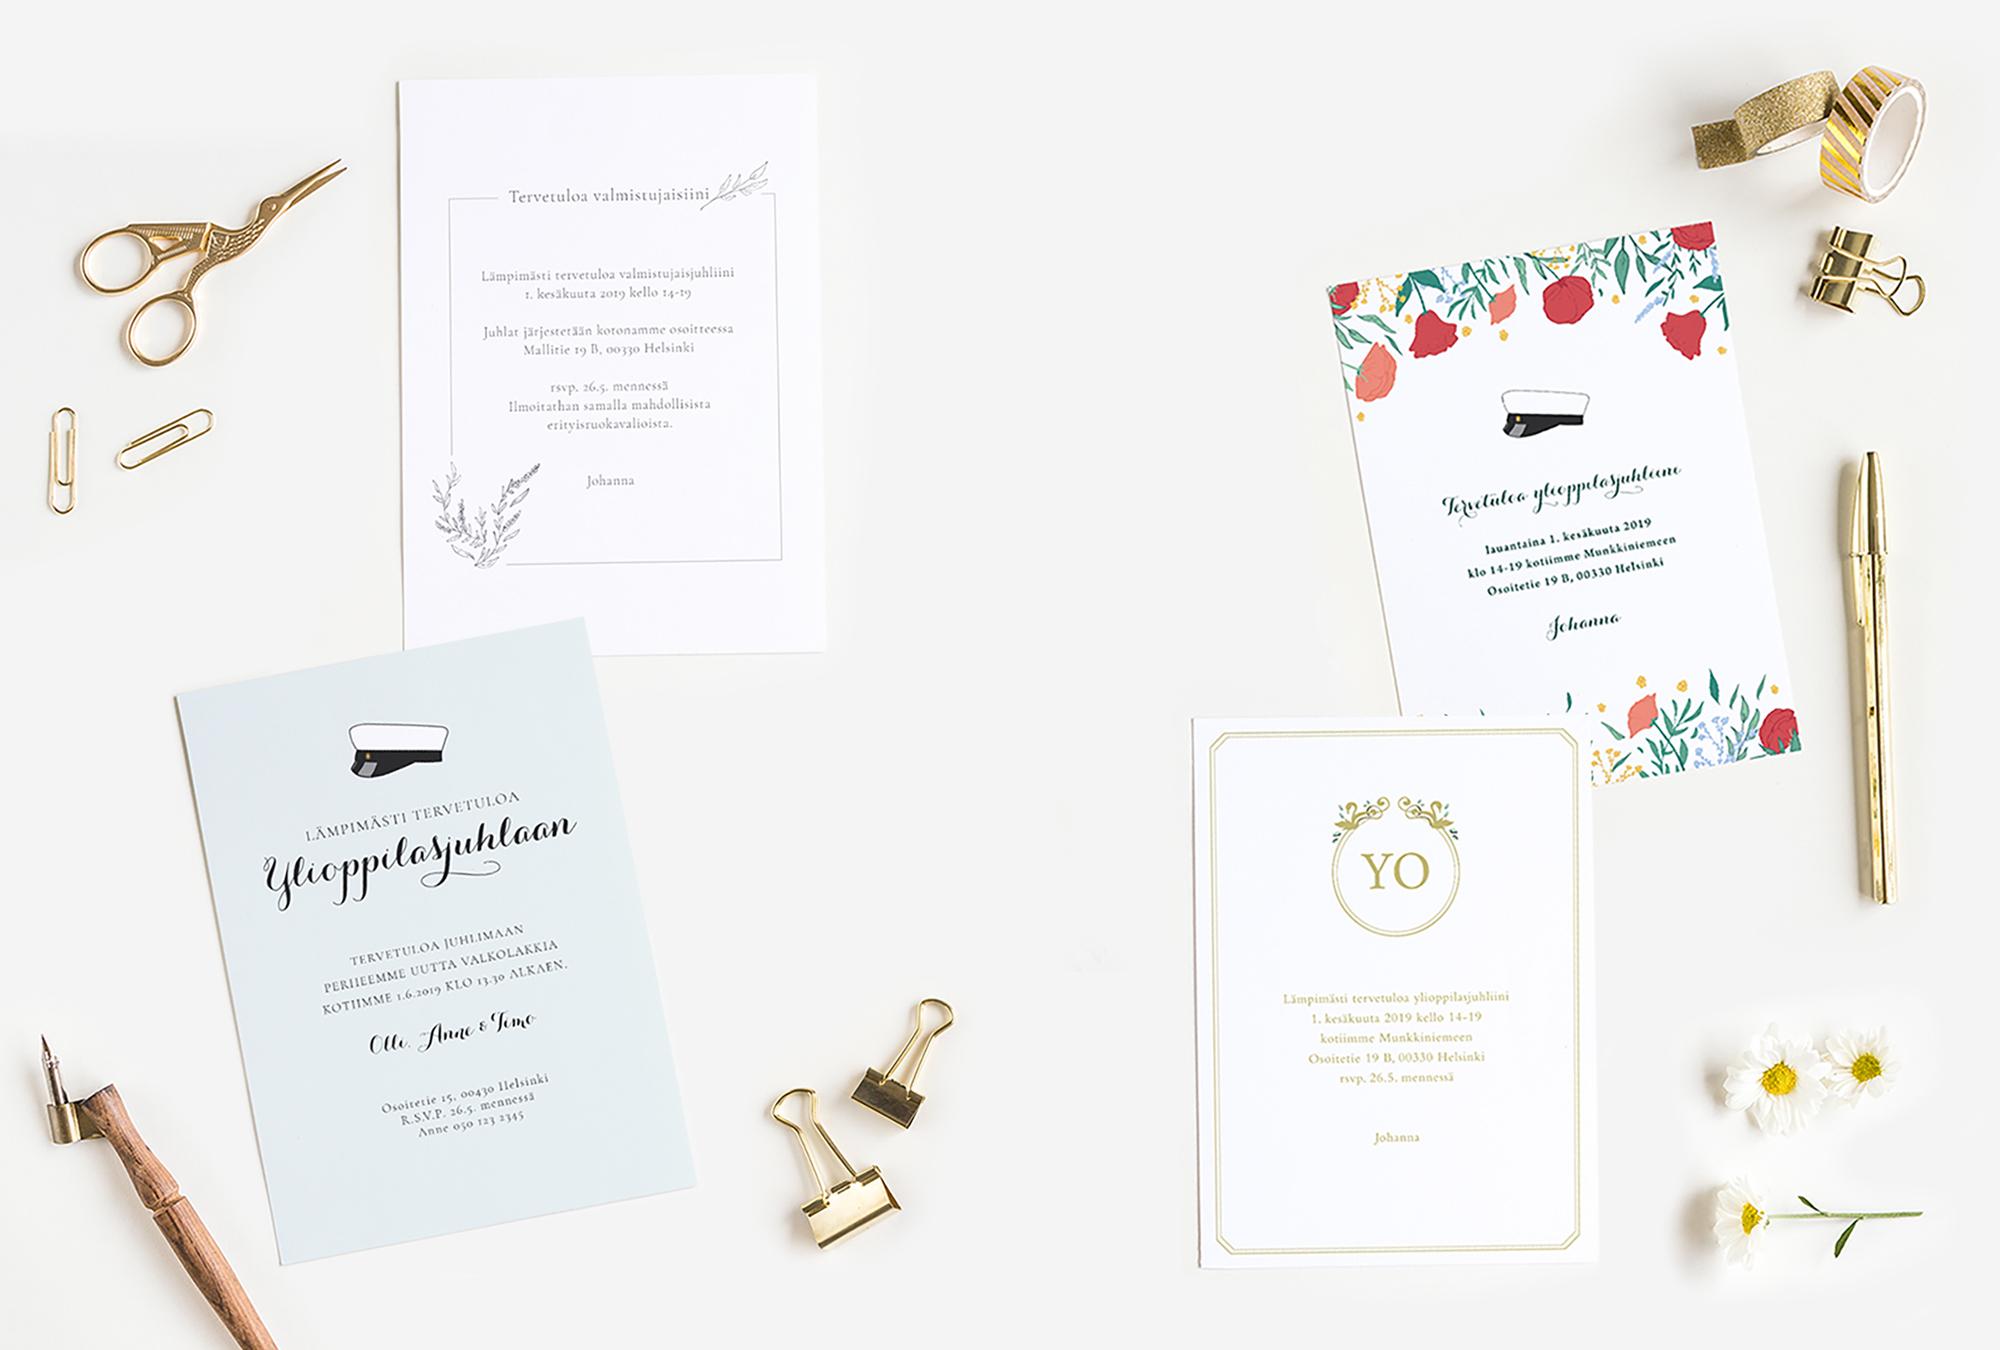 Papershop Painostudio Printing studio Valmistujaiskutsut Graduat